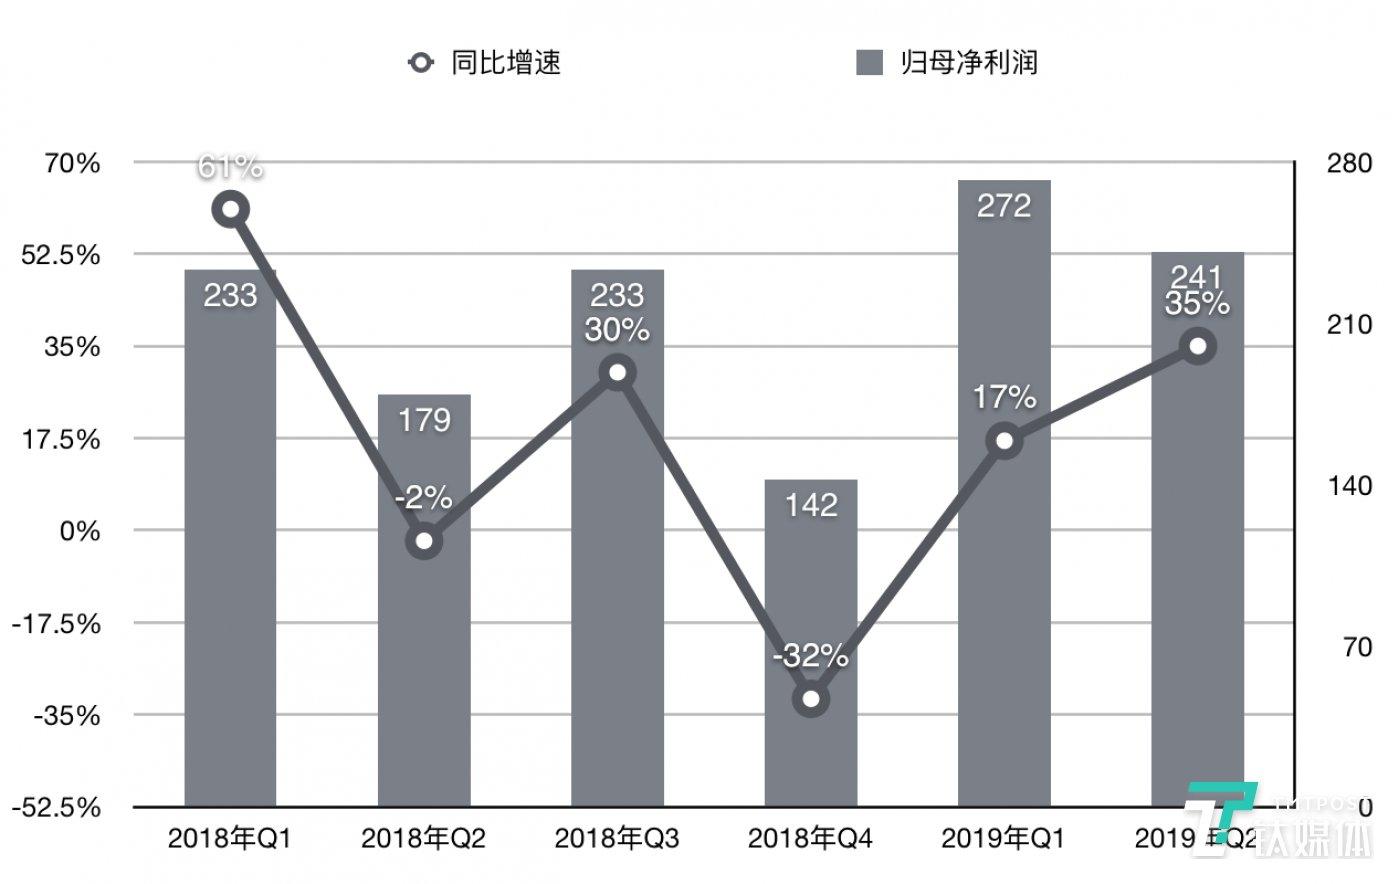 腾讯各季度净利润及增速(亿元)